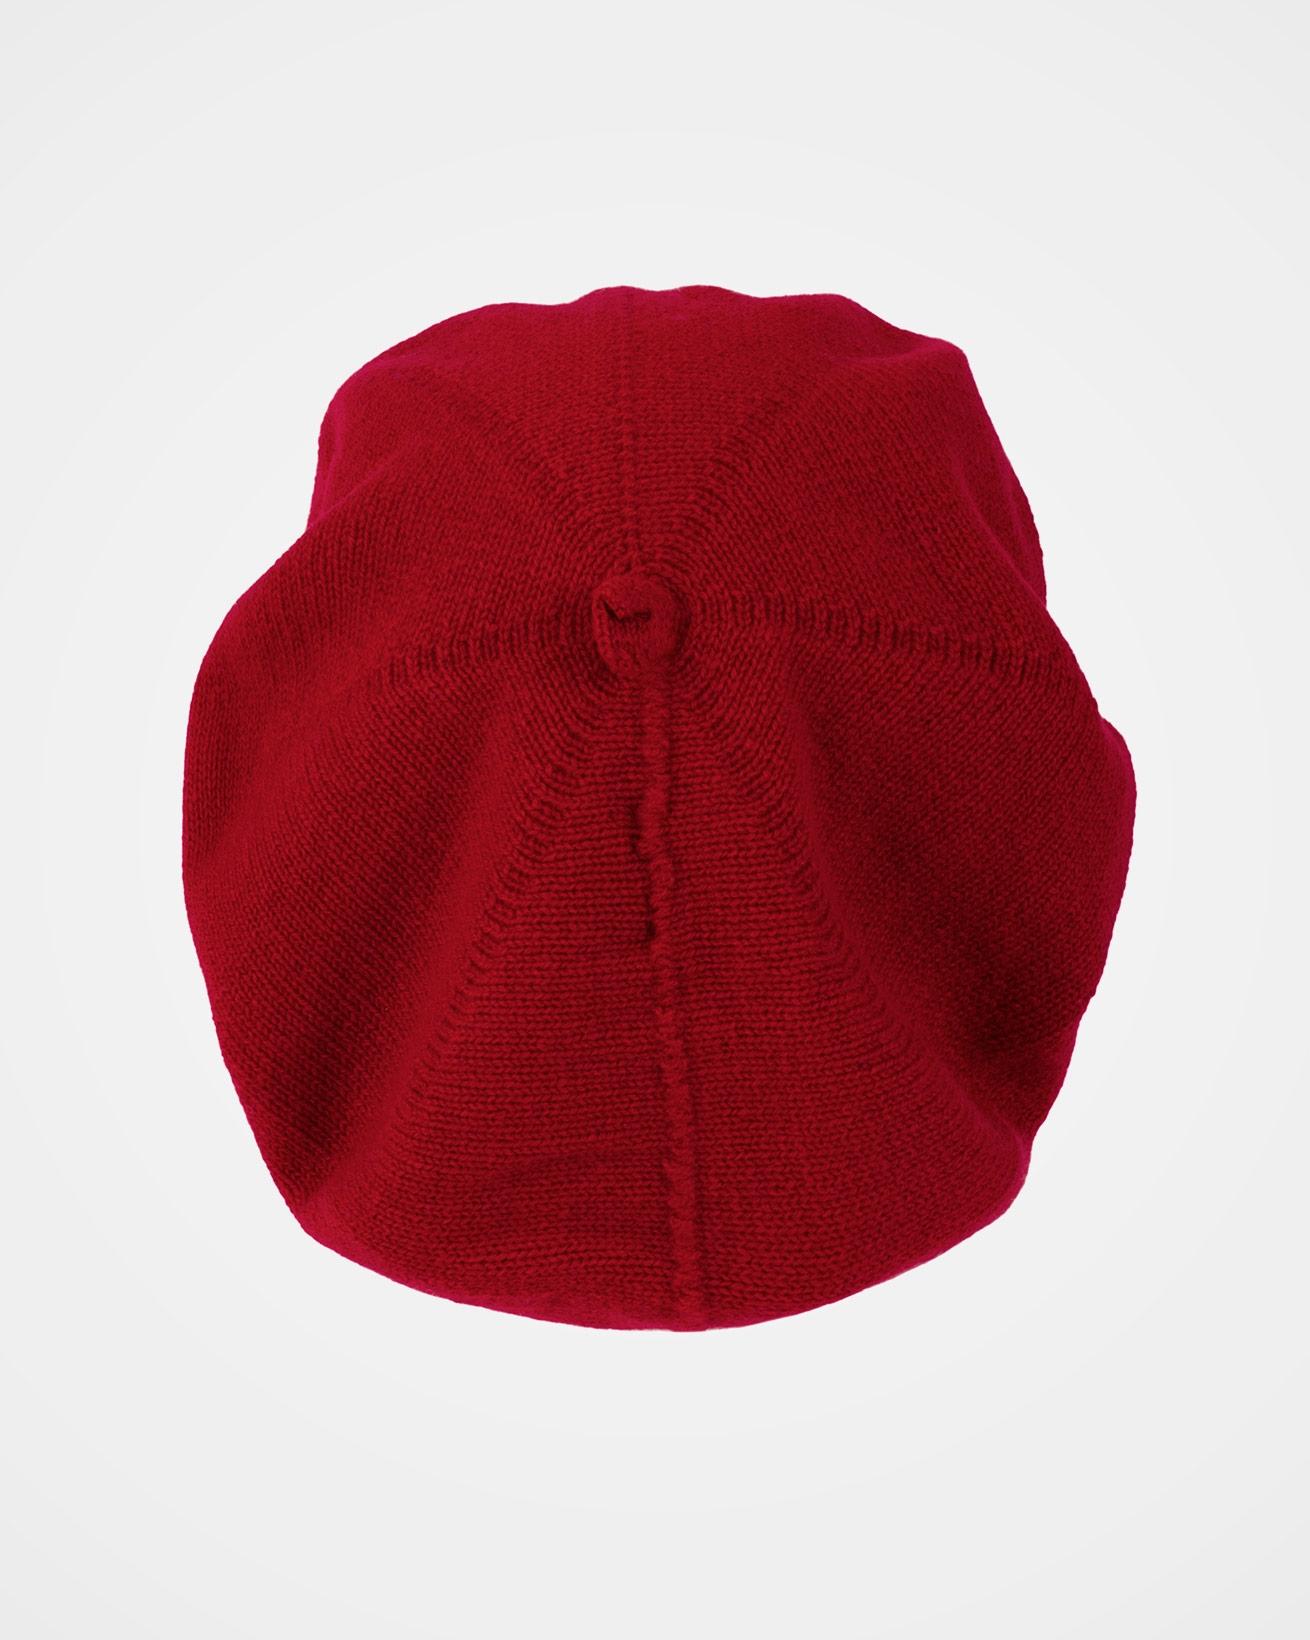 7489_cashmere-beret_red_back_web.jpg